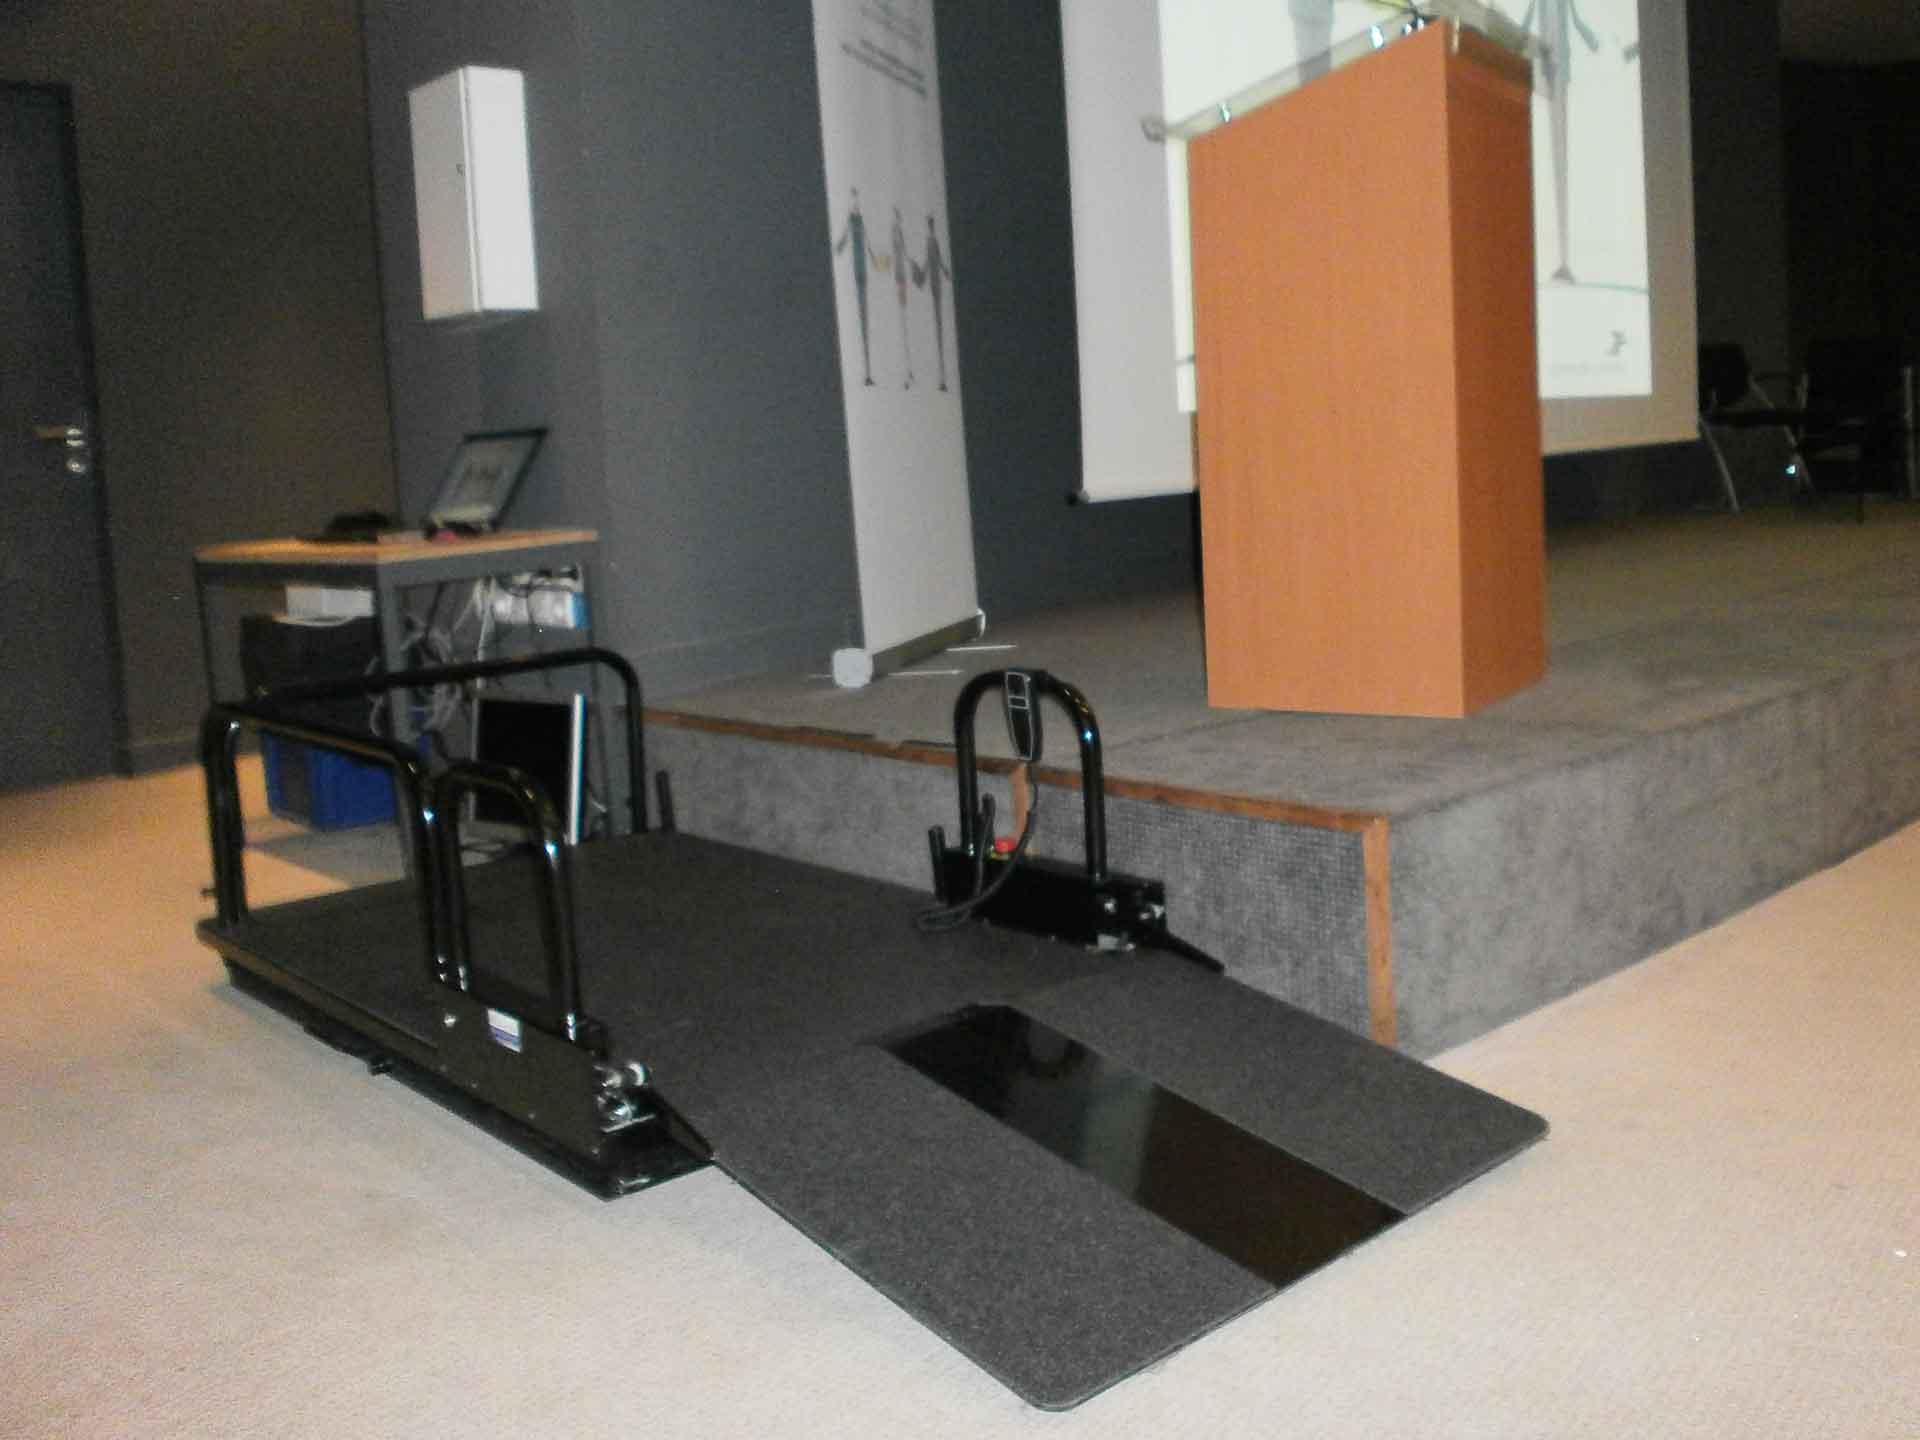 Location de plateforme élévatrice électrique pour pmr et handicapés, idéal pour évènements, salons, séminaires, manifestations.